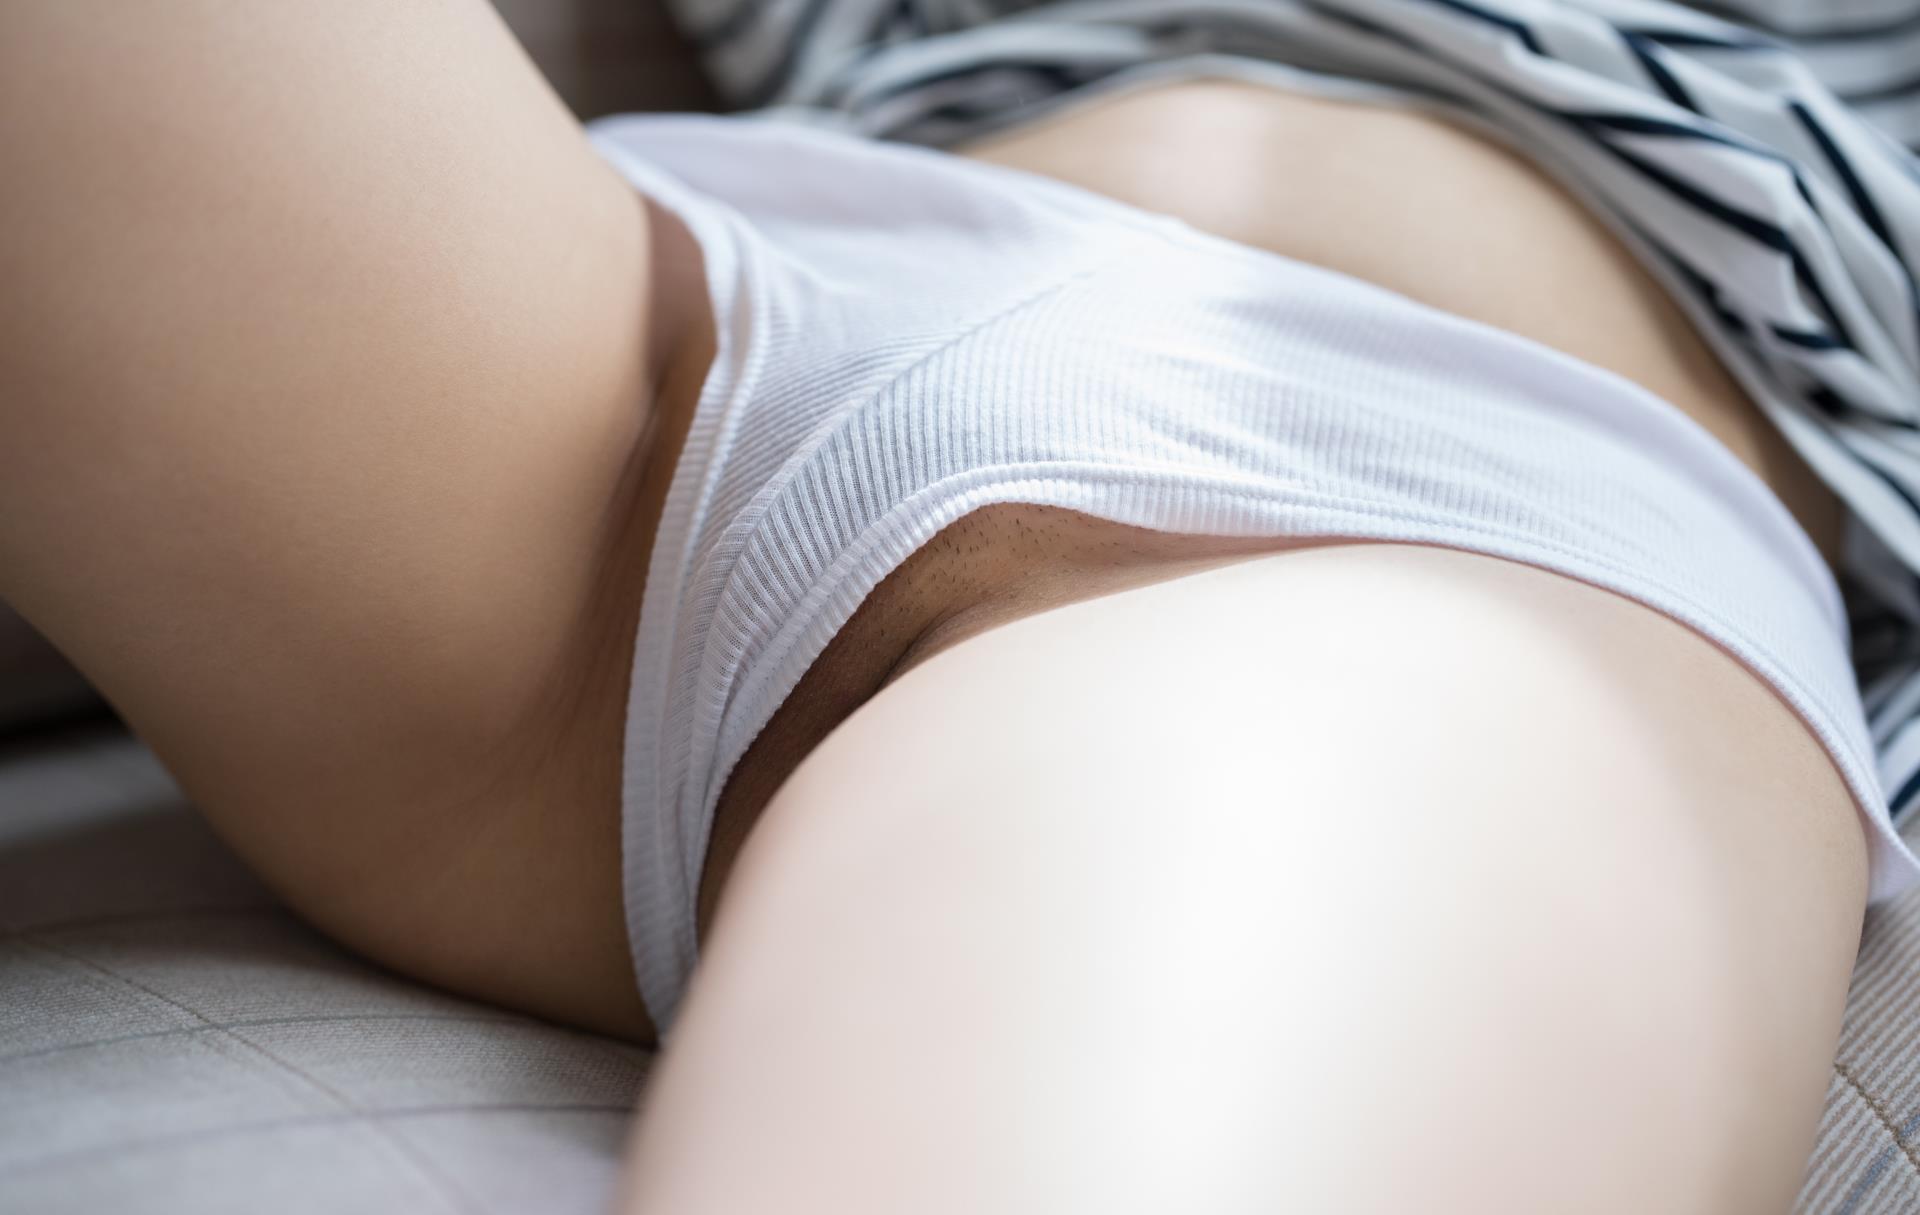 【画像あり】架乃ゆら(20)とかいうモデルからAV女優まで堕ちてった女・・・・41枚目